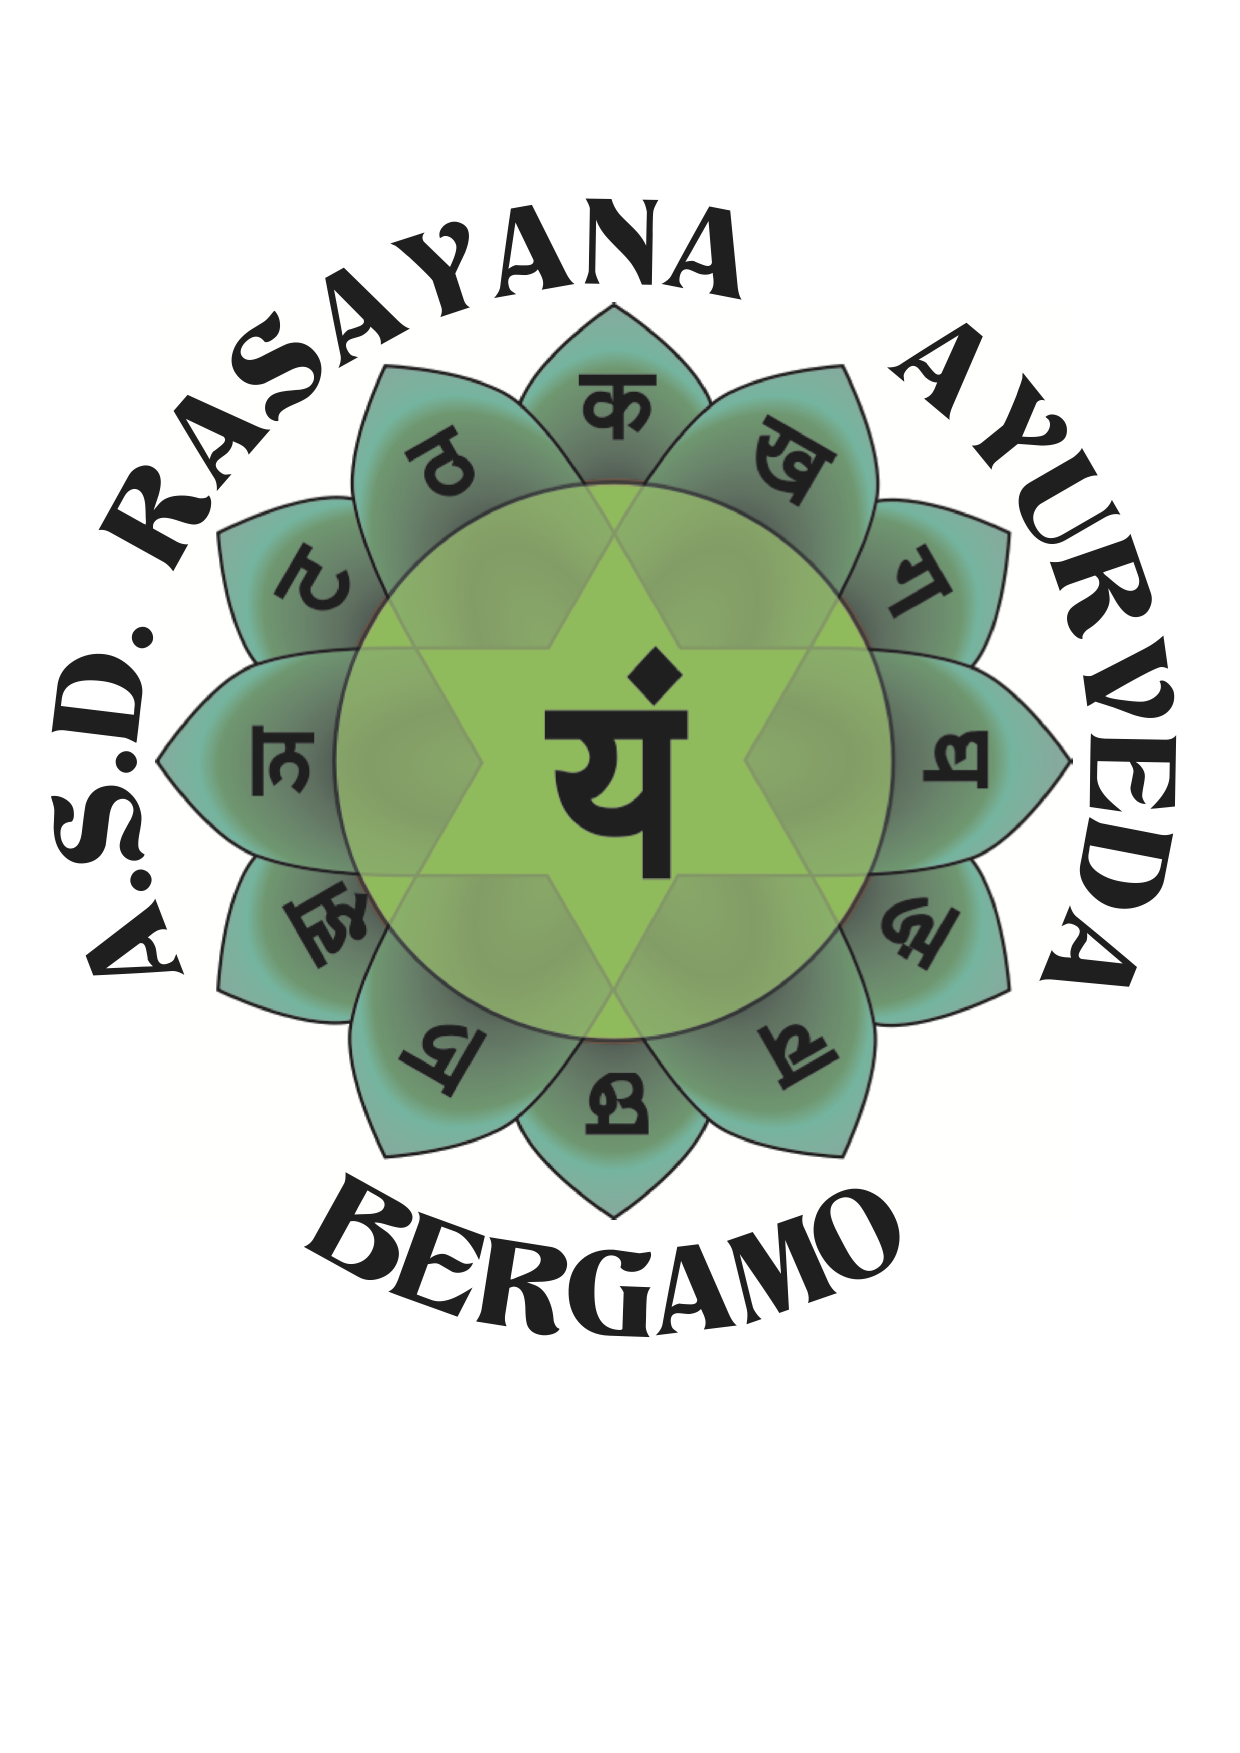 logo rasayana